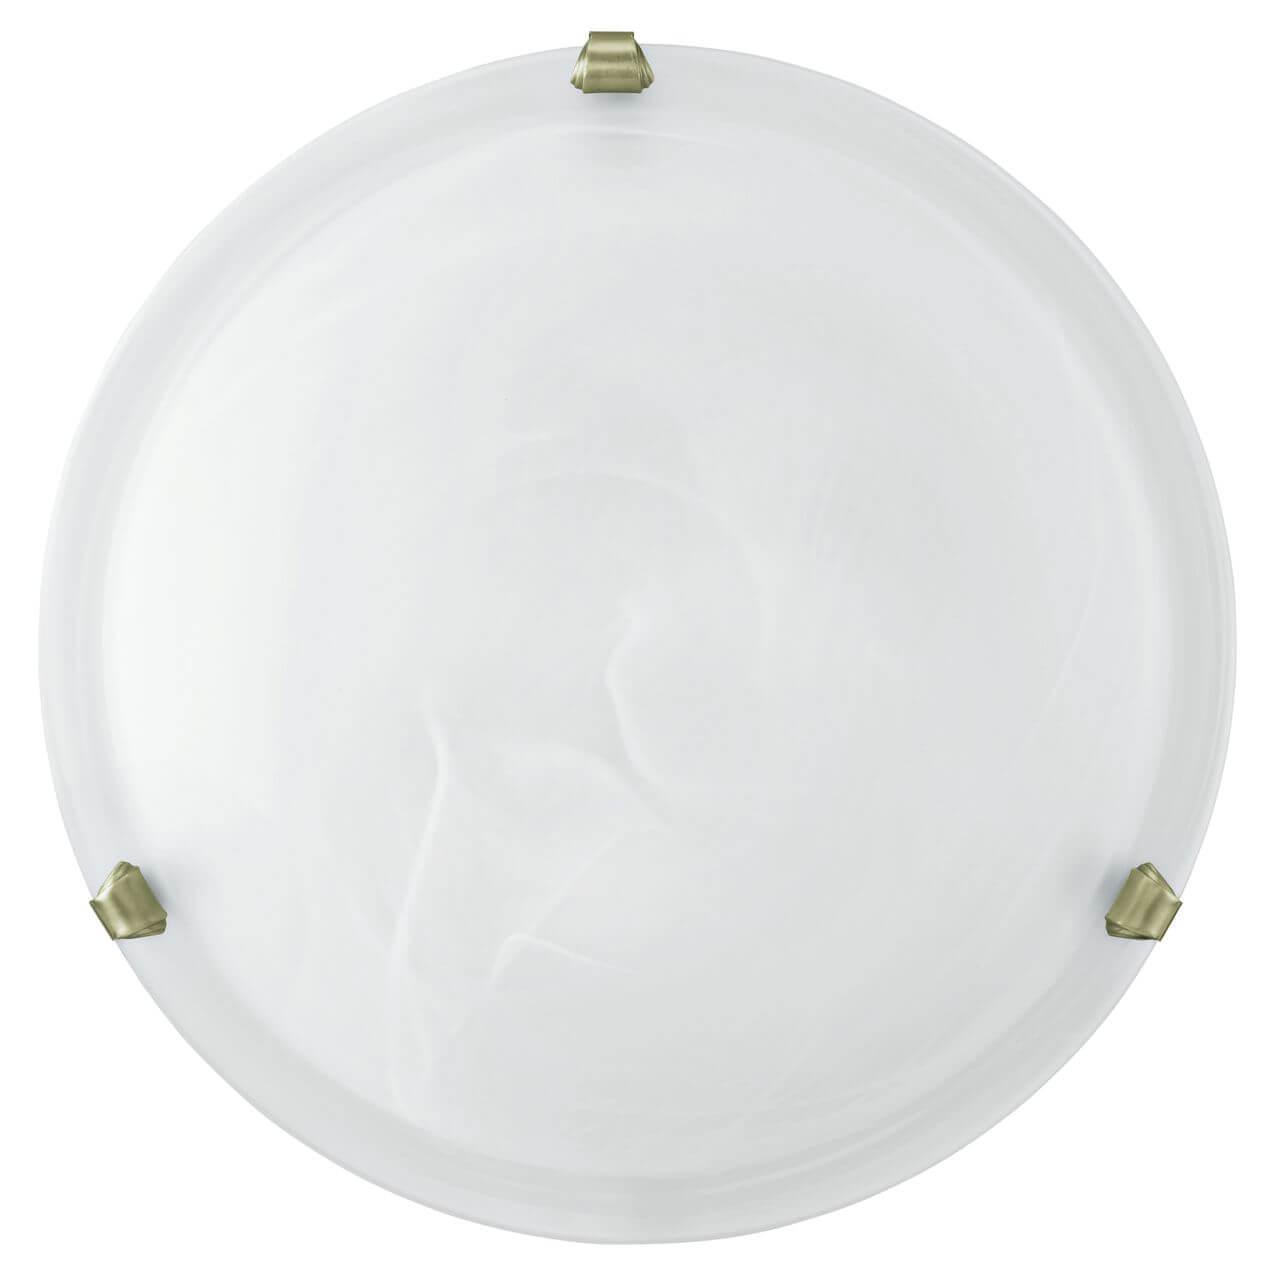 Настенно-потолочный светильник Eglo 7902, белый настенно потолочный светильник eglo 83155 белый